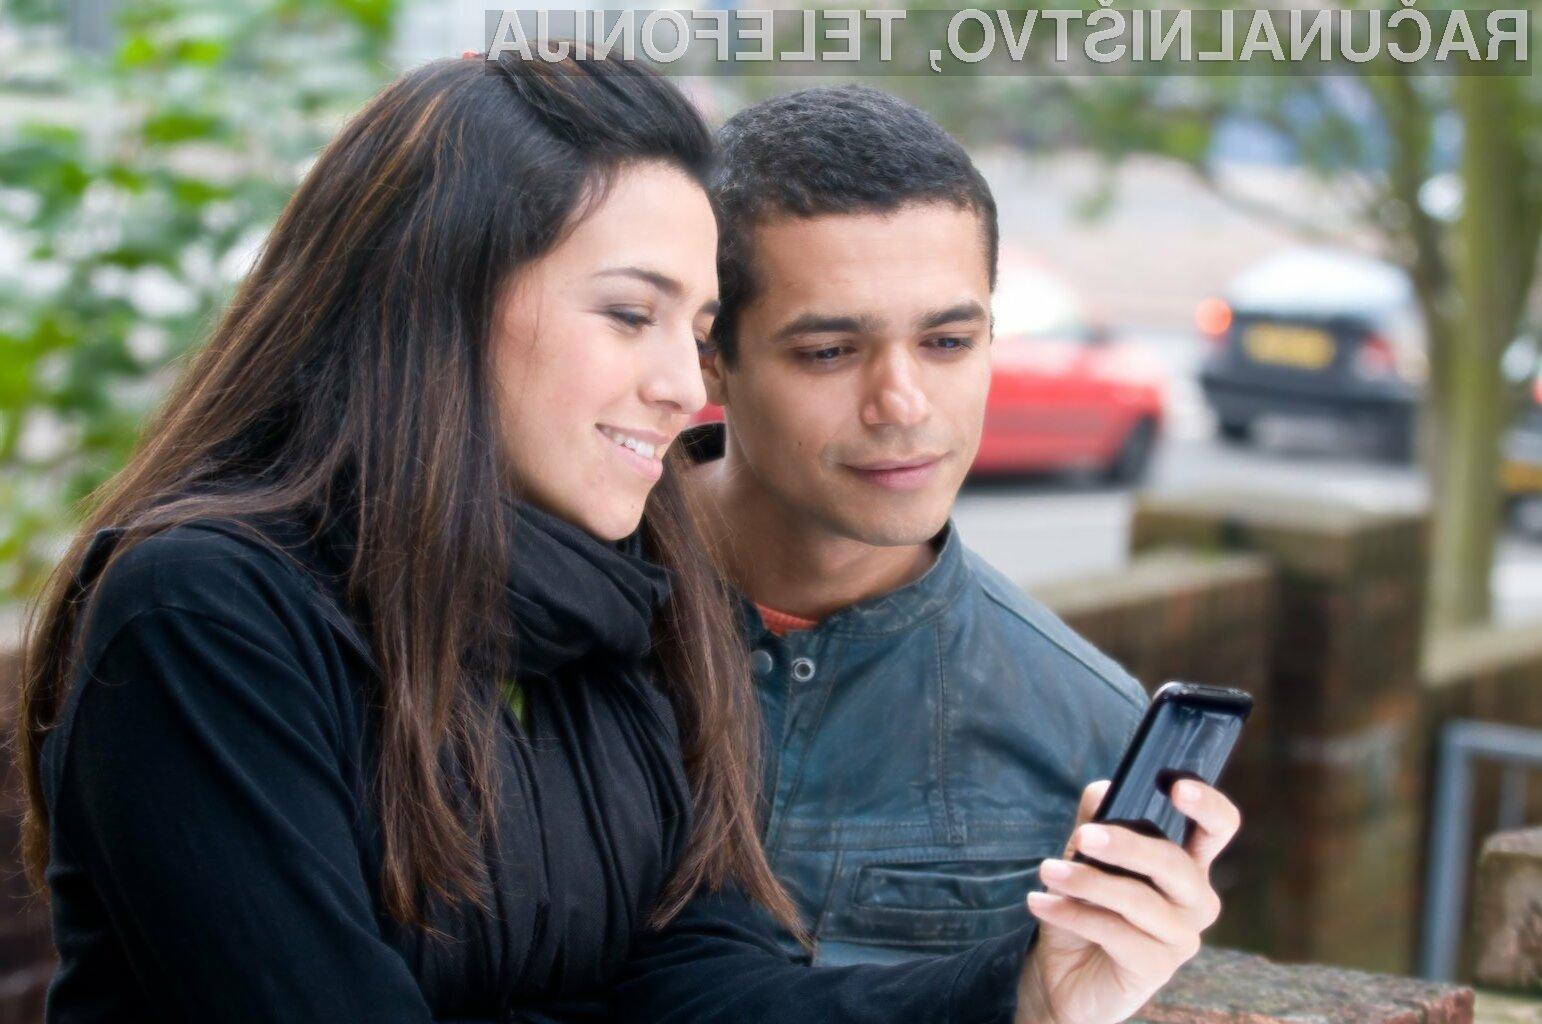 Mobilni telefoni so postali nepogrešljiv del našega življenja.